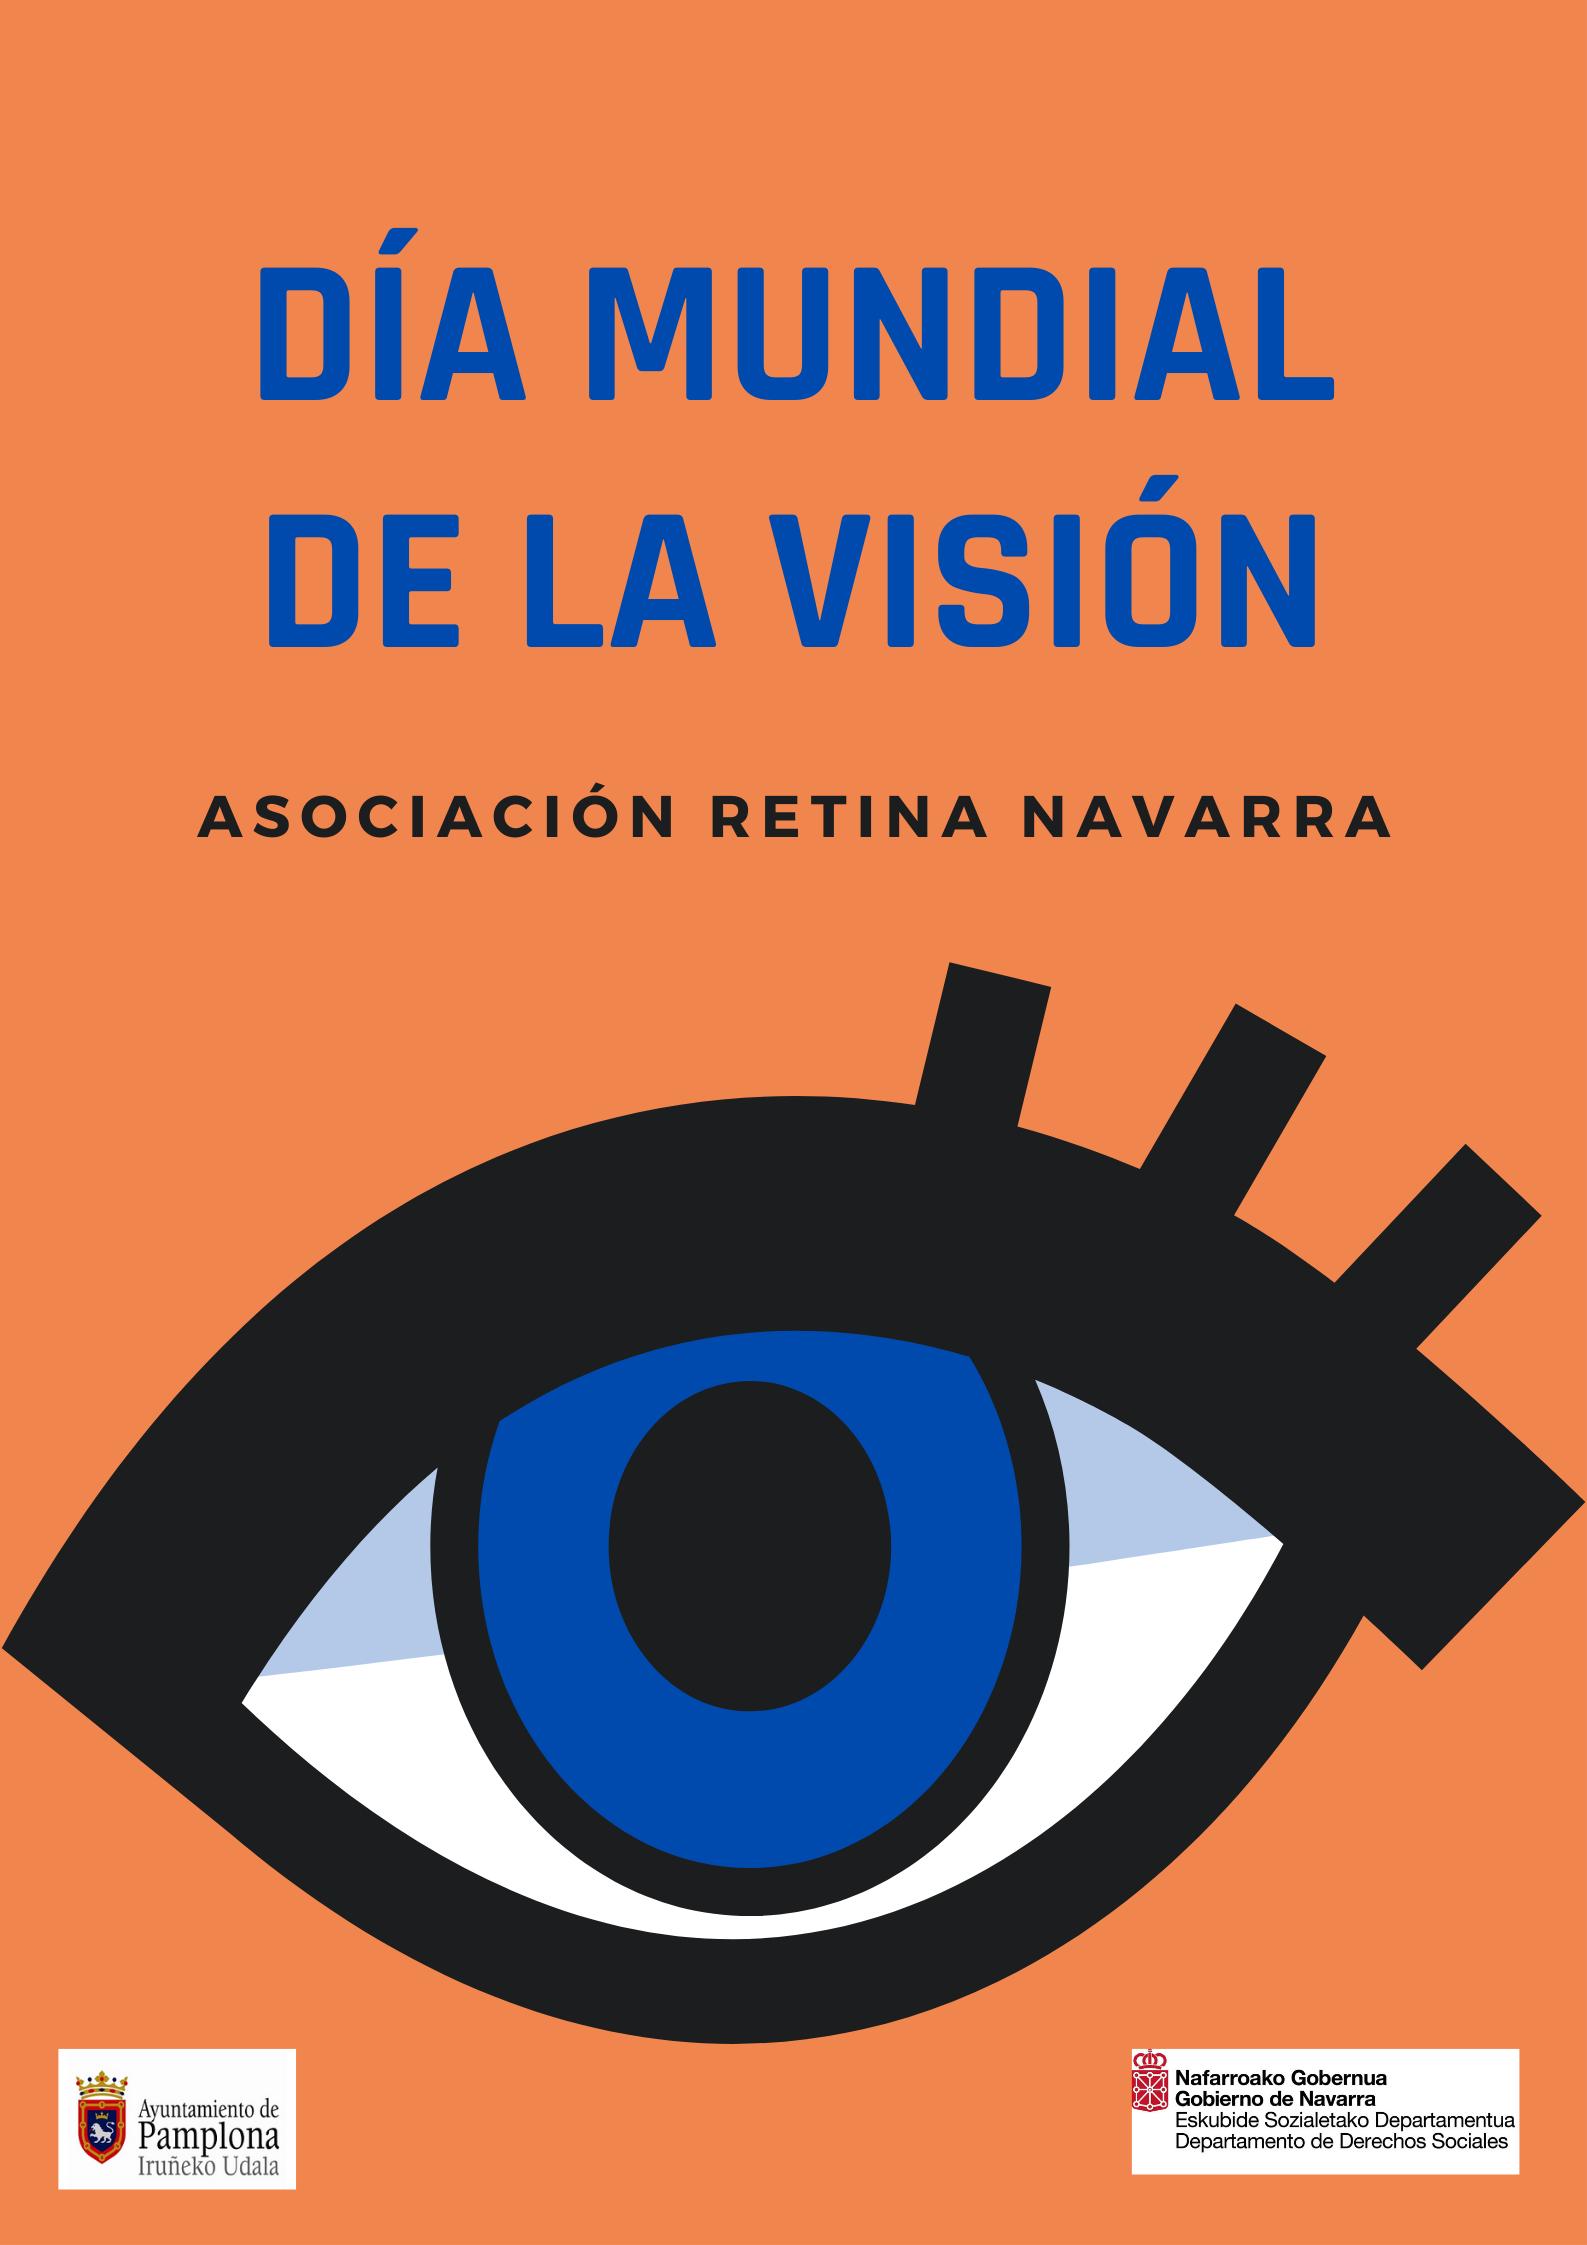 Imagen del cartel diseñado por Retina Navarra con motivo del Día Mundial